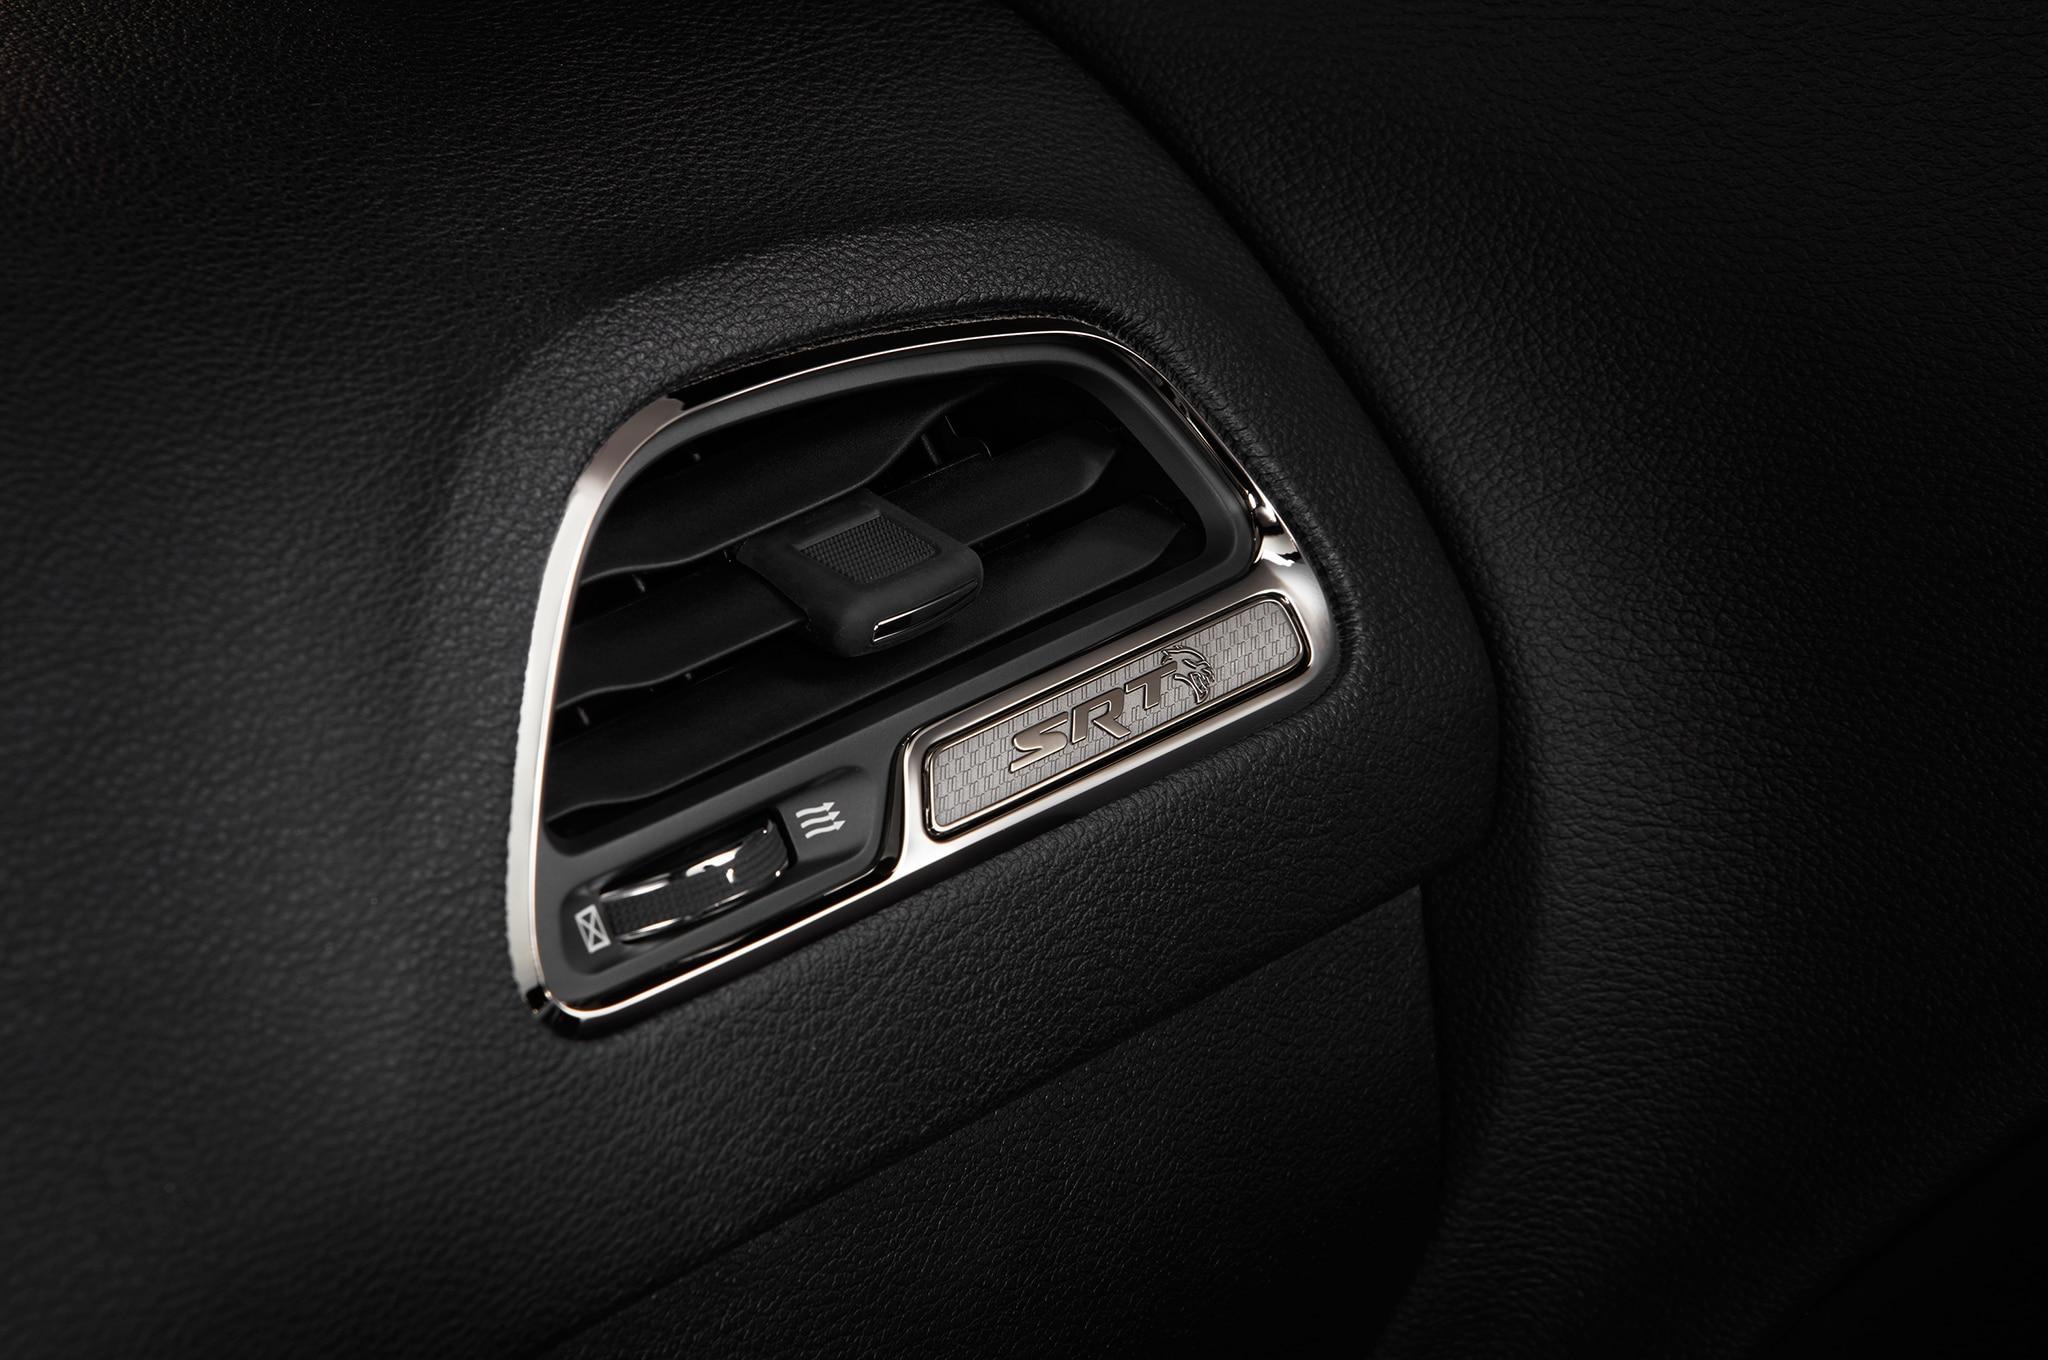 2019 Dodge Challenger Srt Hellcat Redeye Serves Up 797 Horsepower